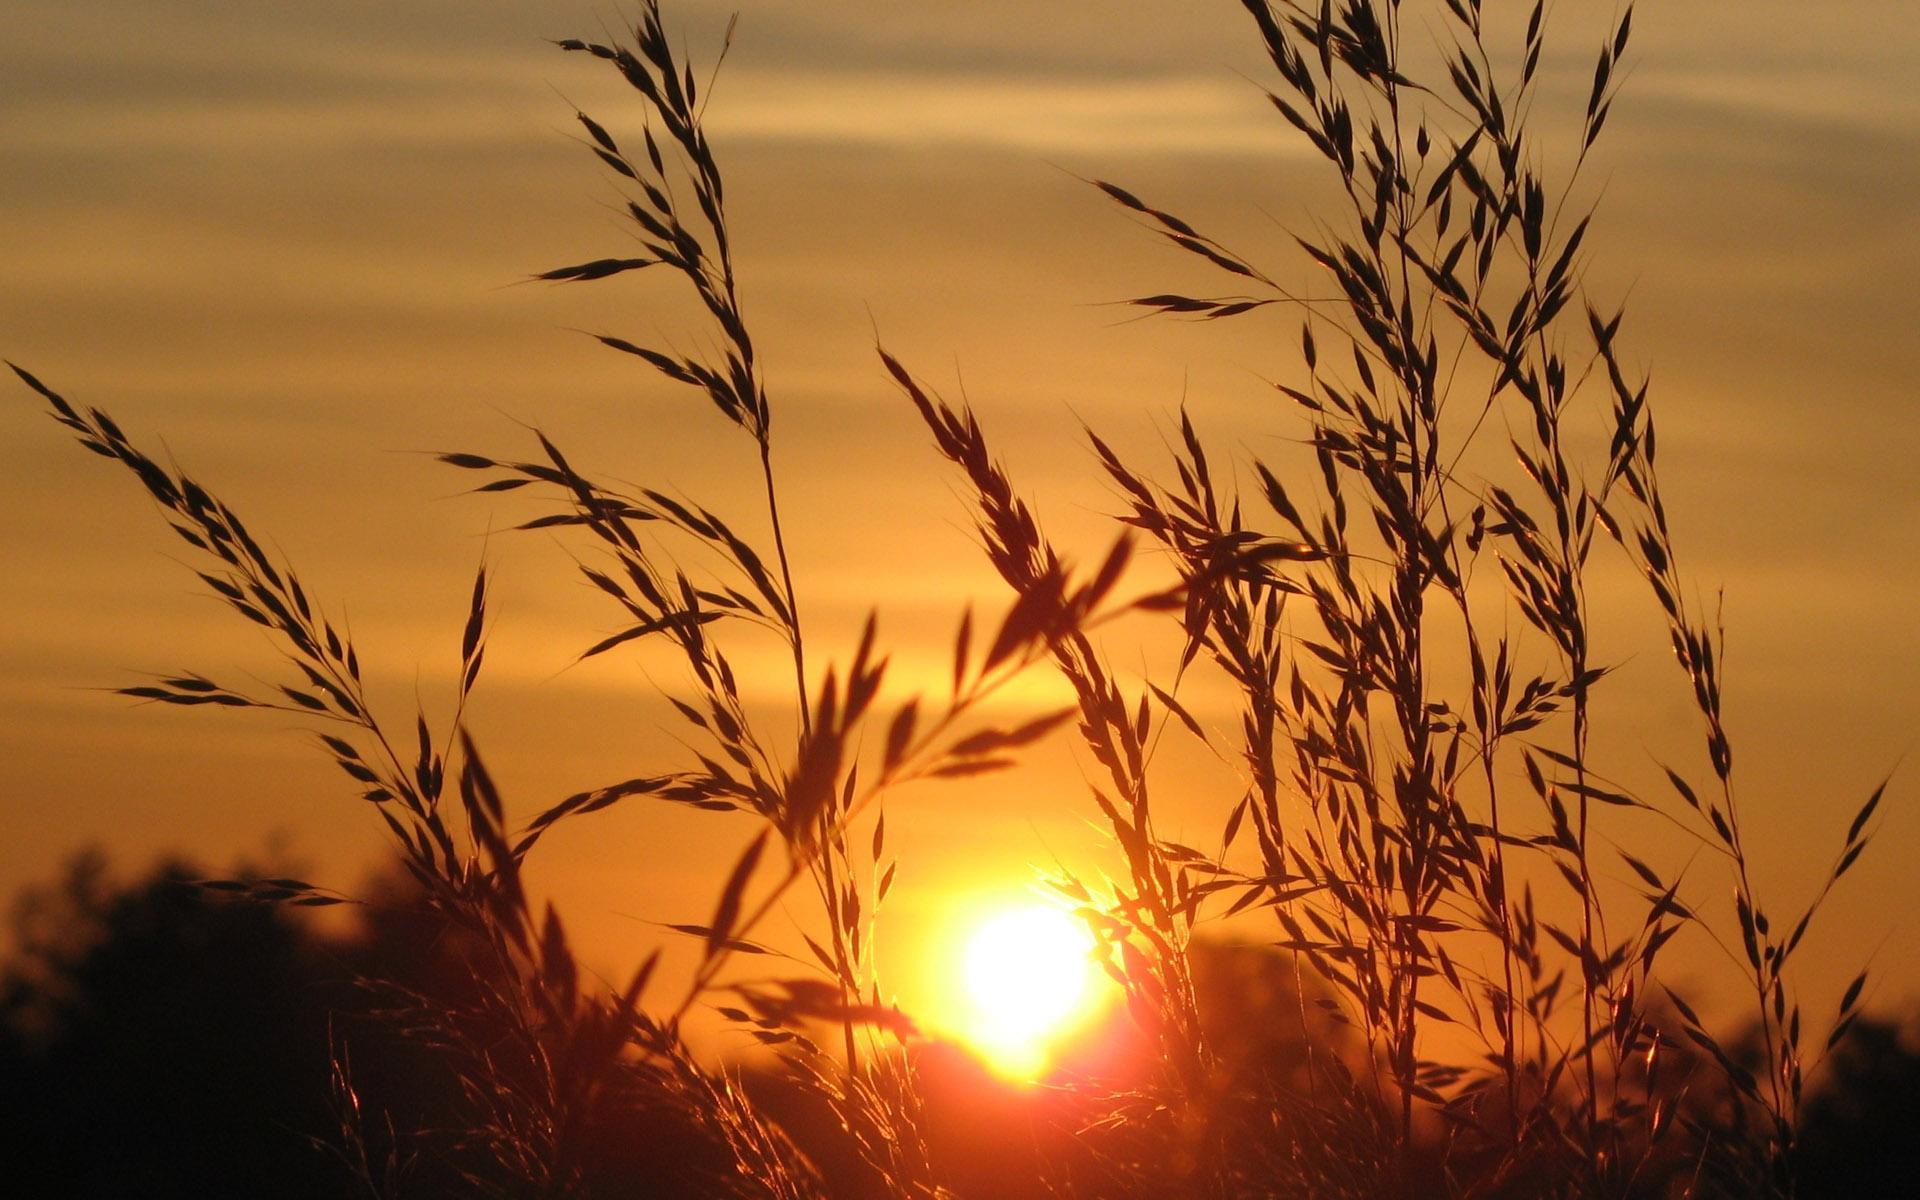 高清唯美夕阳风景图片桌面壁纸